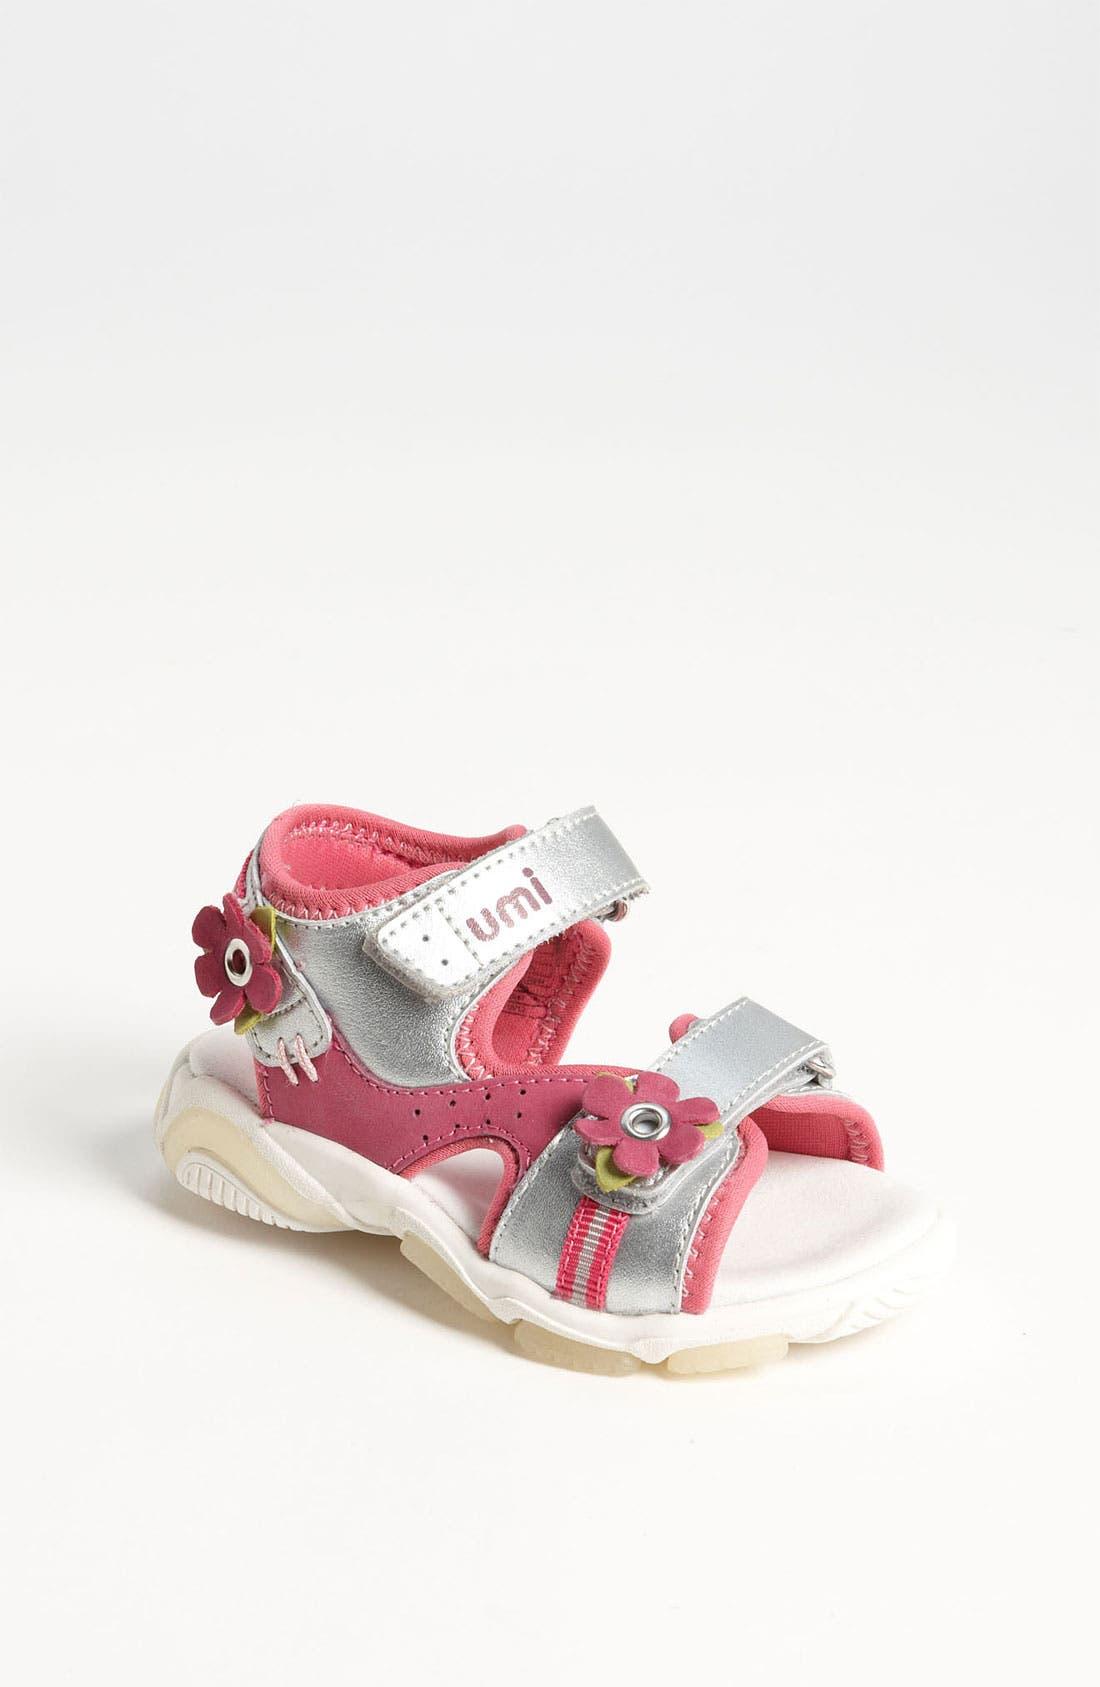 Main Image - Umi 'Karolina' Sandal (Toddler, Little Kid & Big Kid)